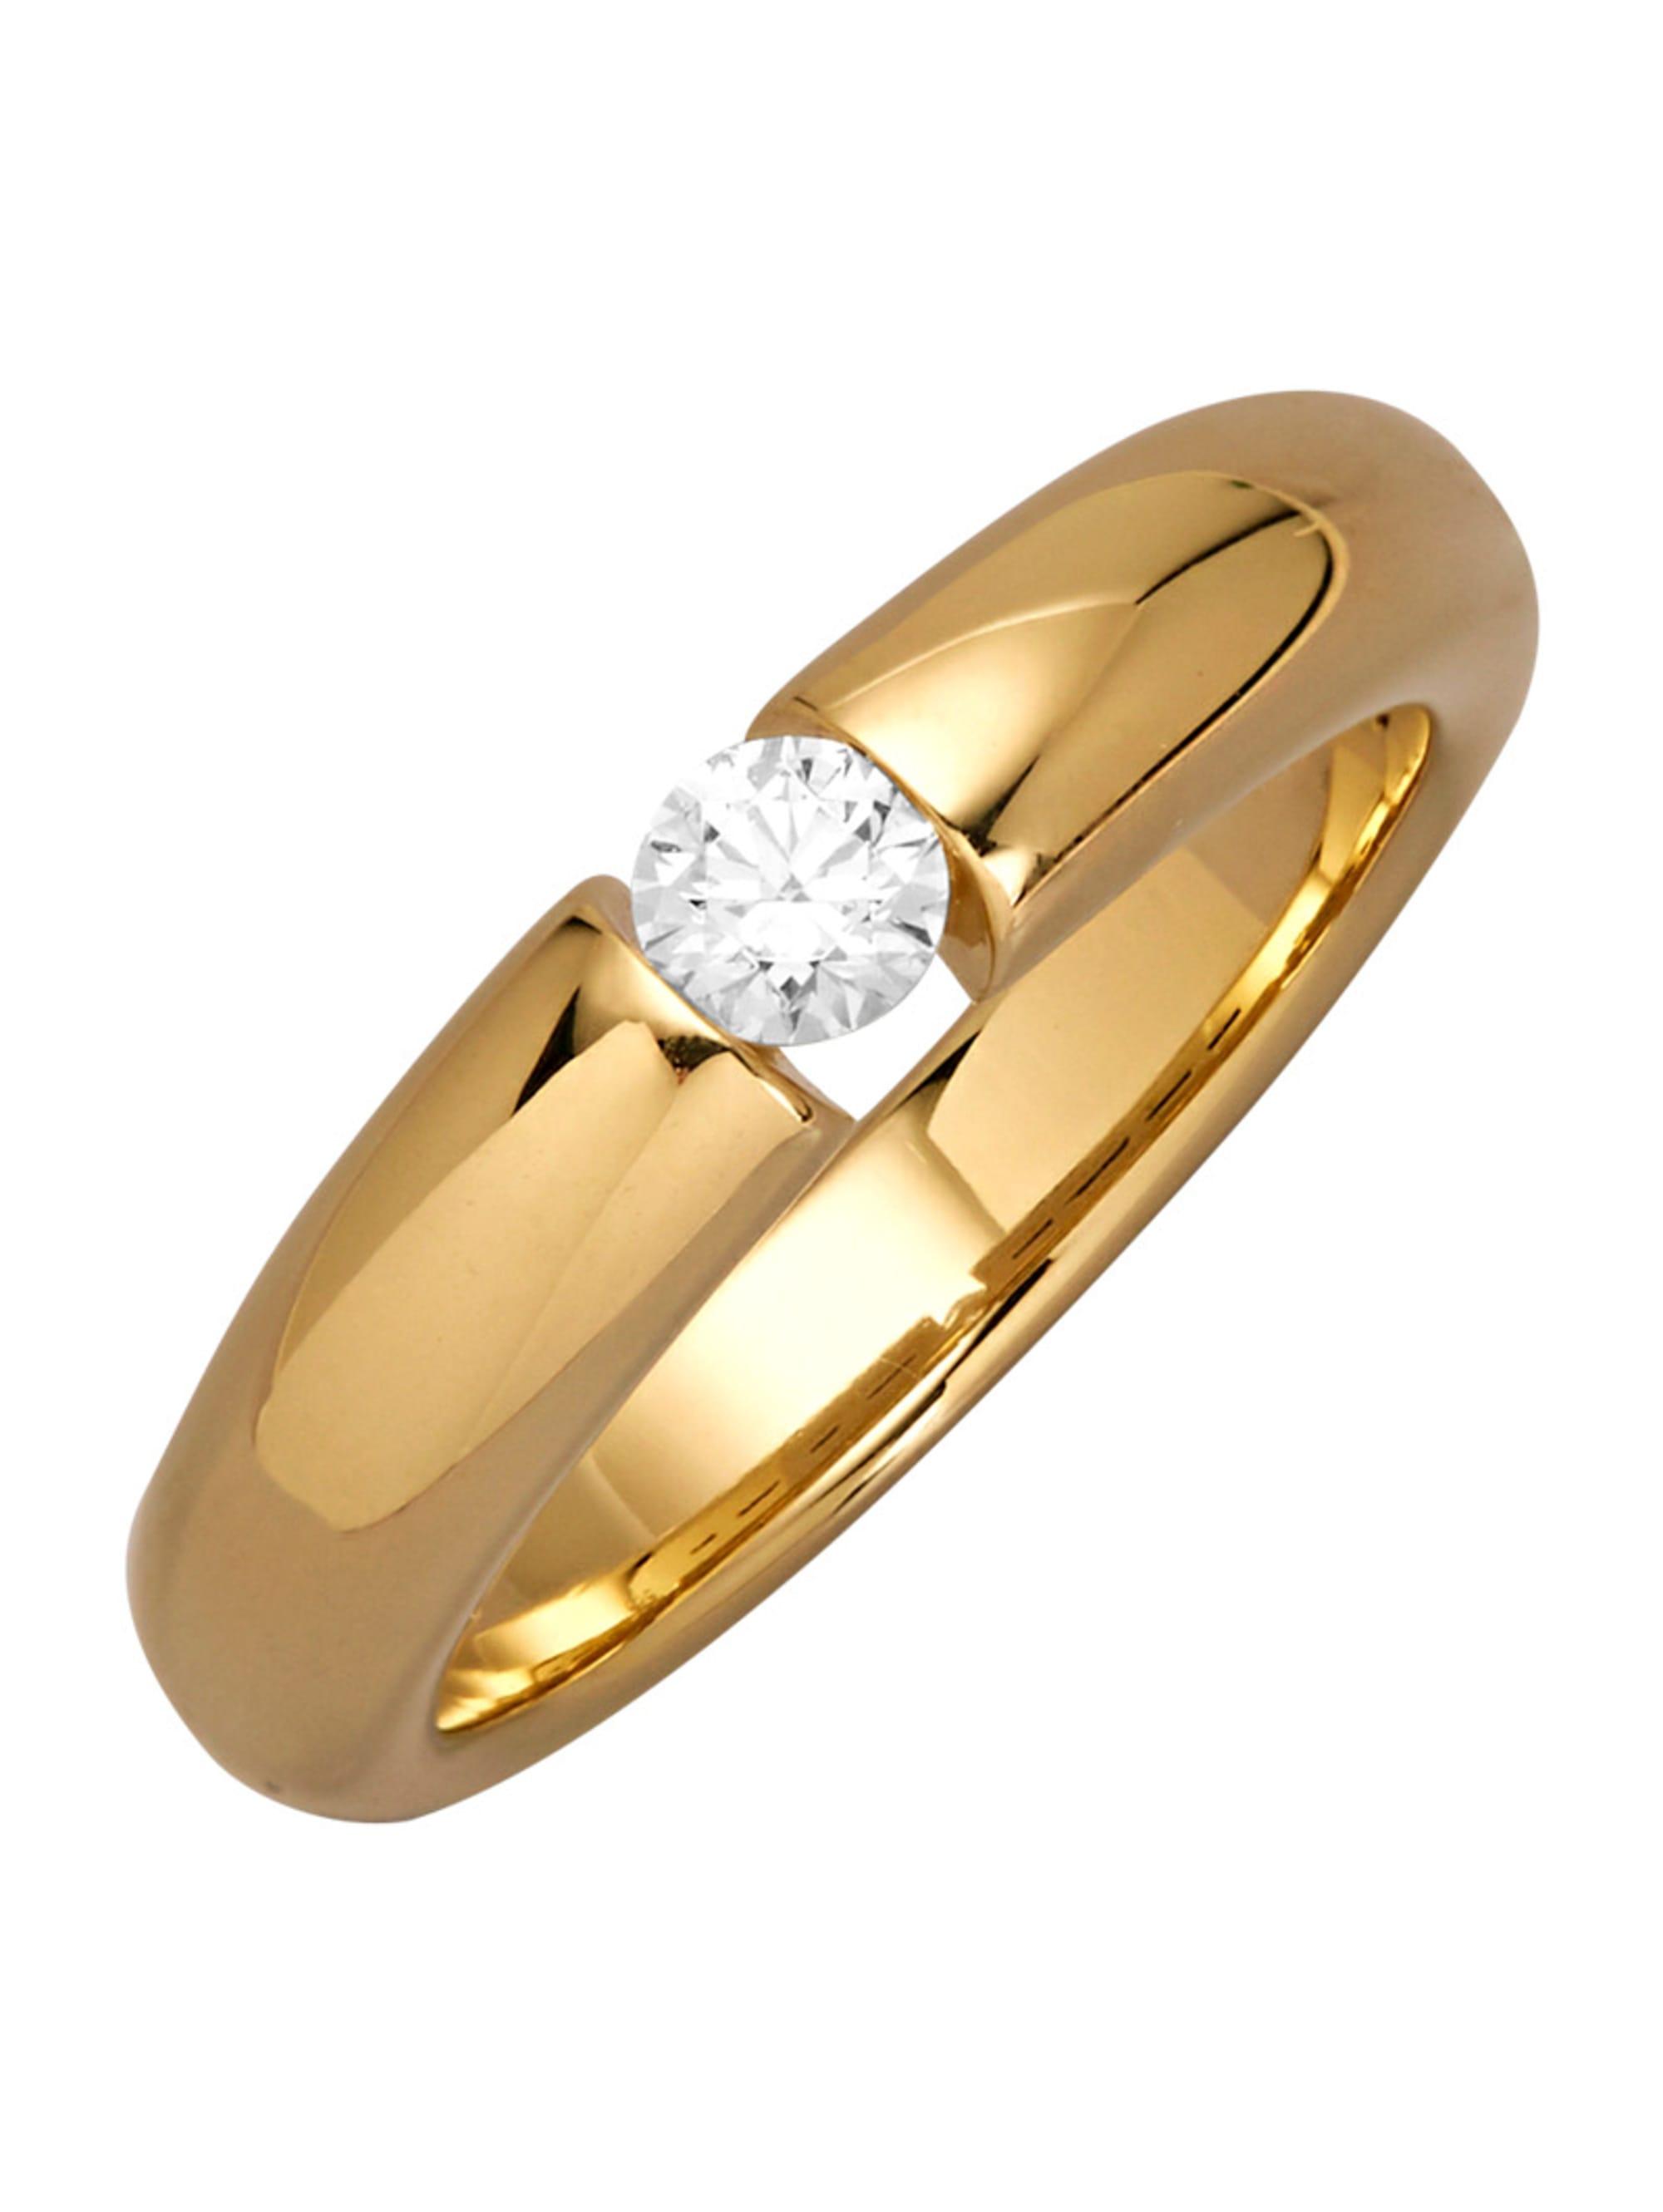 Solitär-Ring mit Brillant KGo9w